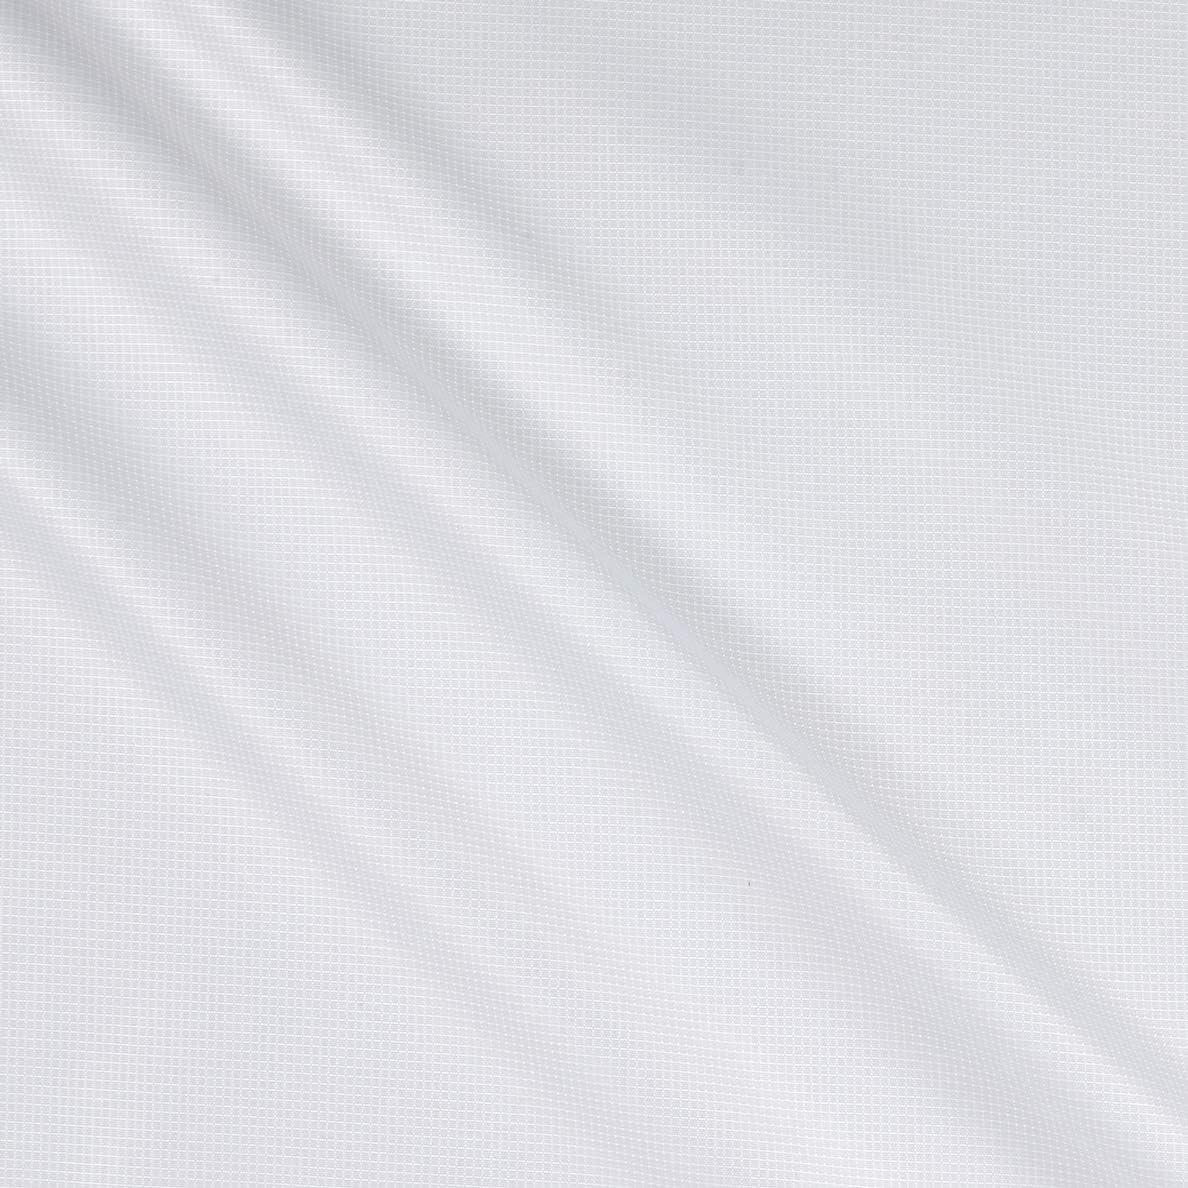 Ottertex 8.7 Oz Polyurethane Coated Polyester Ripstop, White Yard